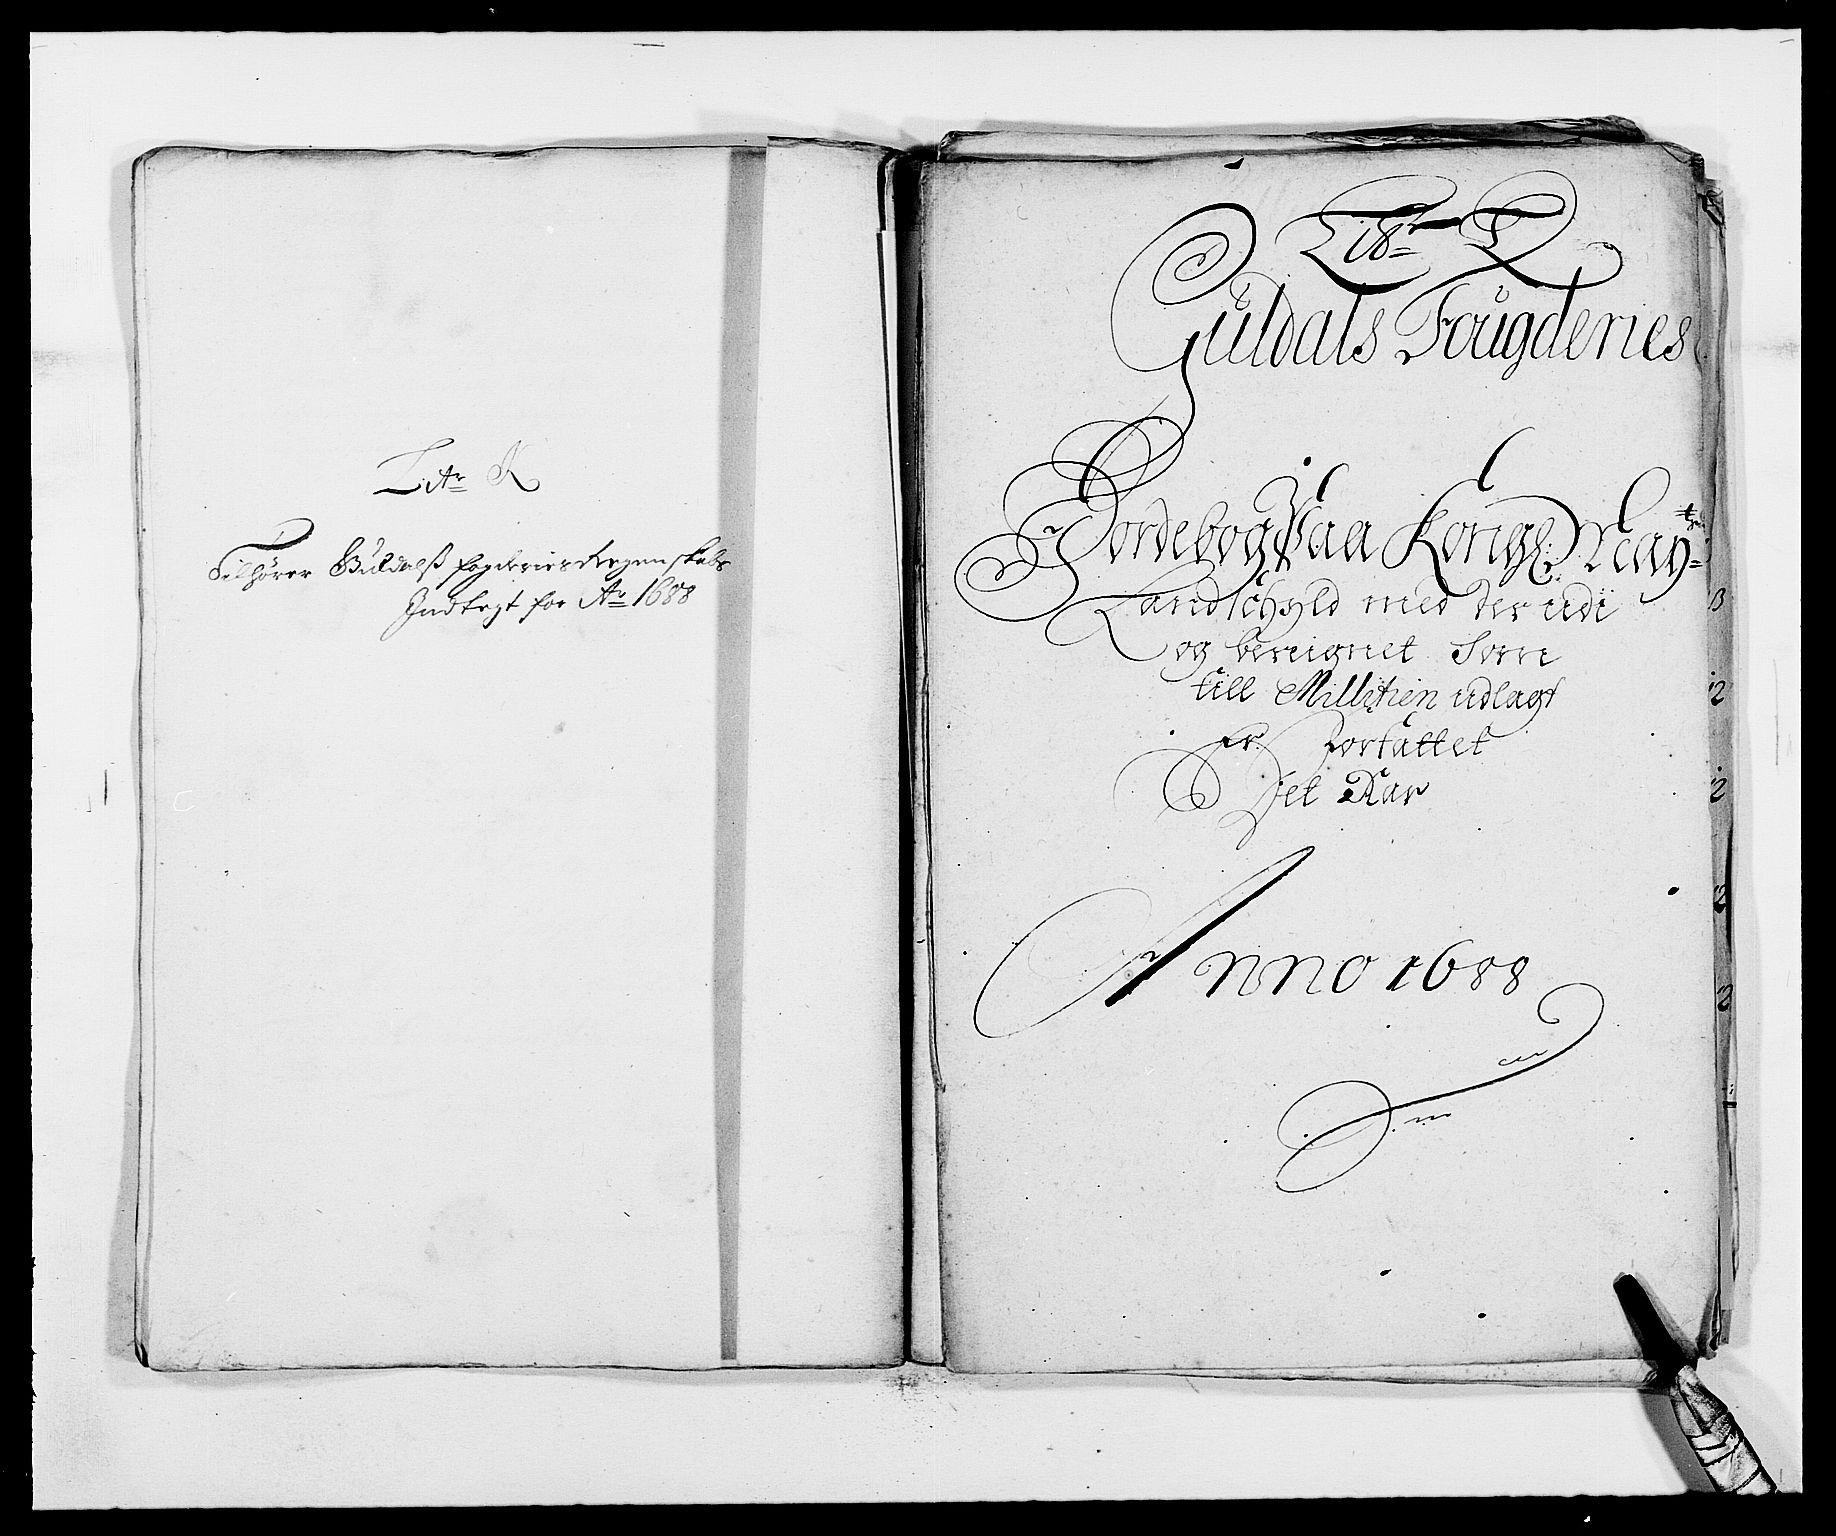 RA, Rentekammeret inntil 1814, Reviderte regnskaper, Fogderegnskap, R59/L3939: Fogderegnskap Gauldal, 1687-1688, s. 259